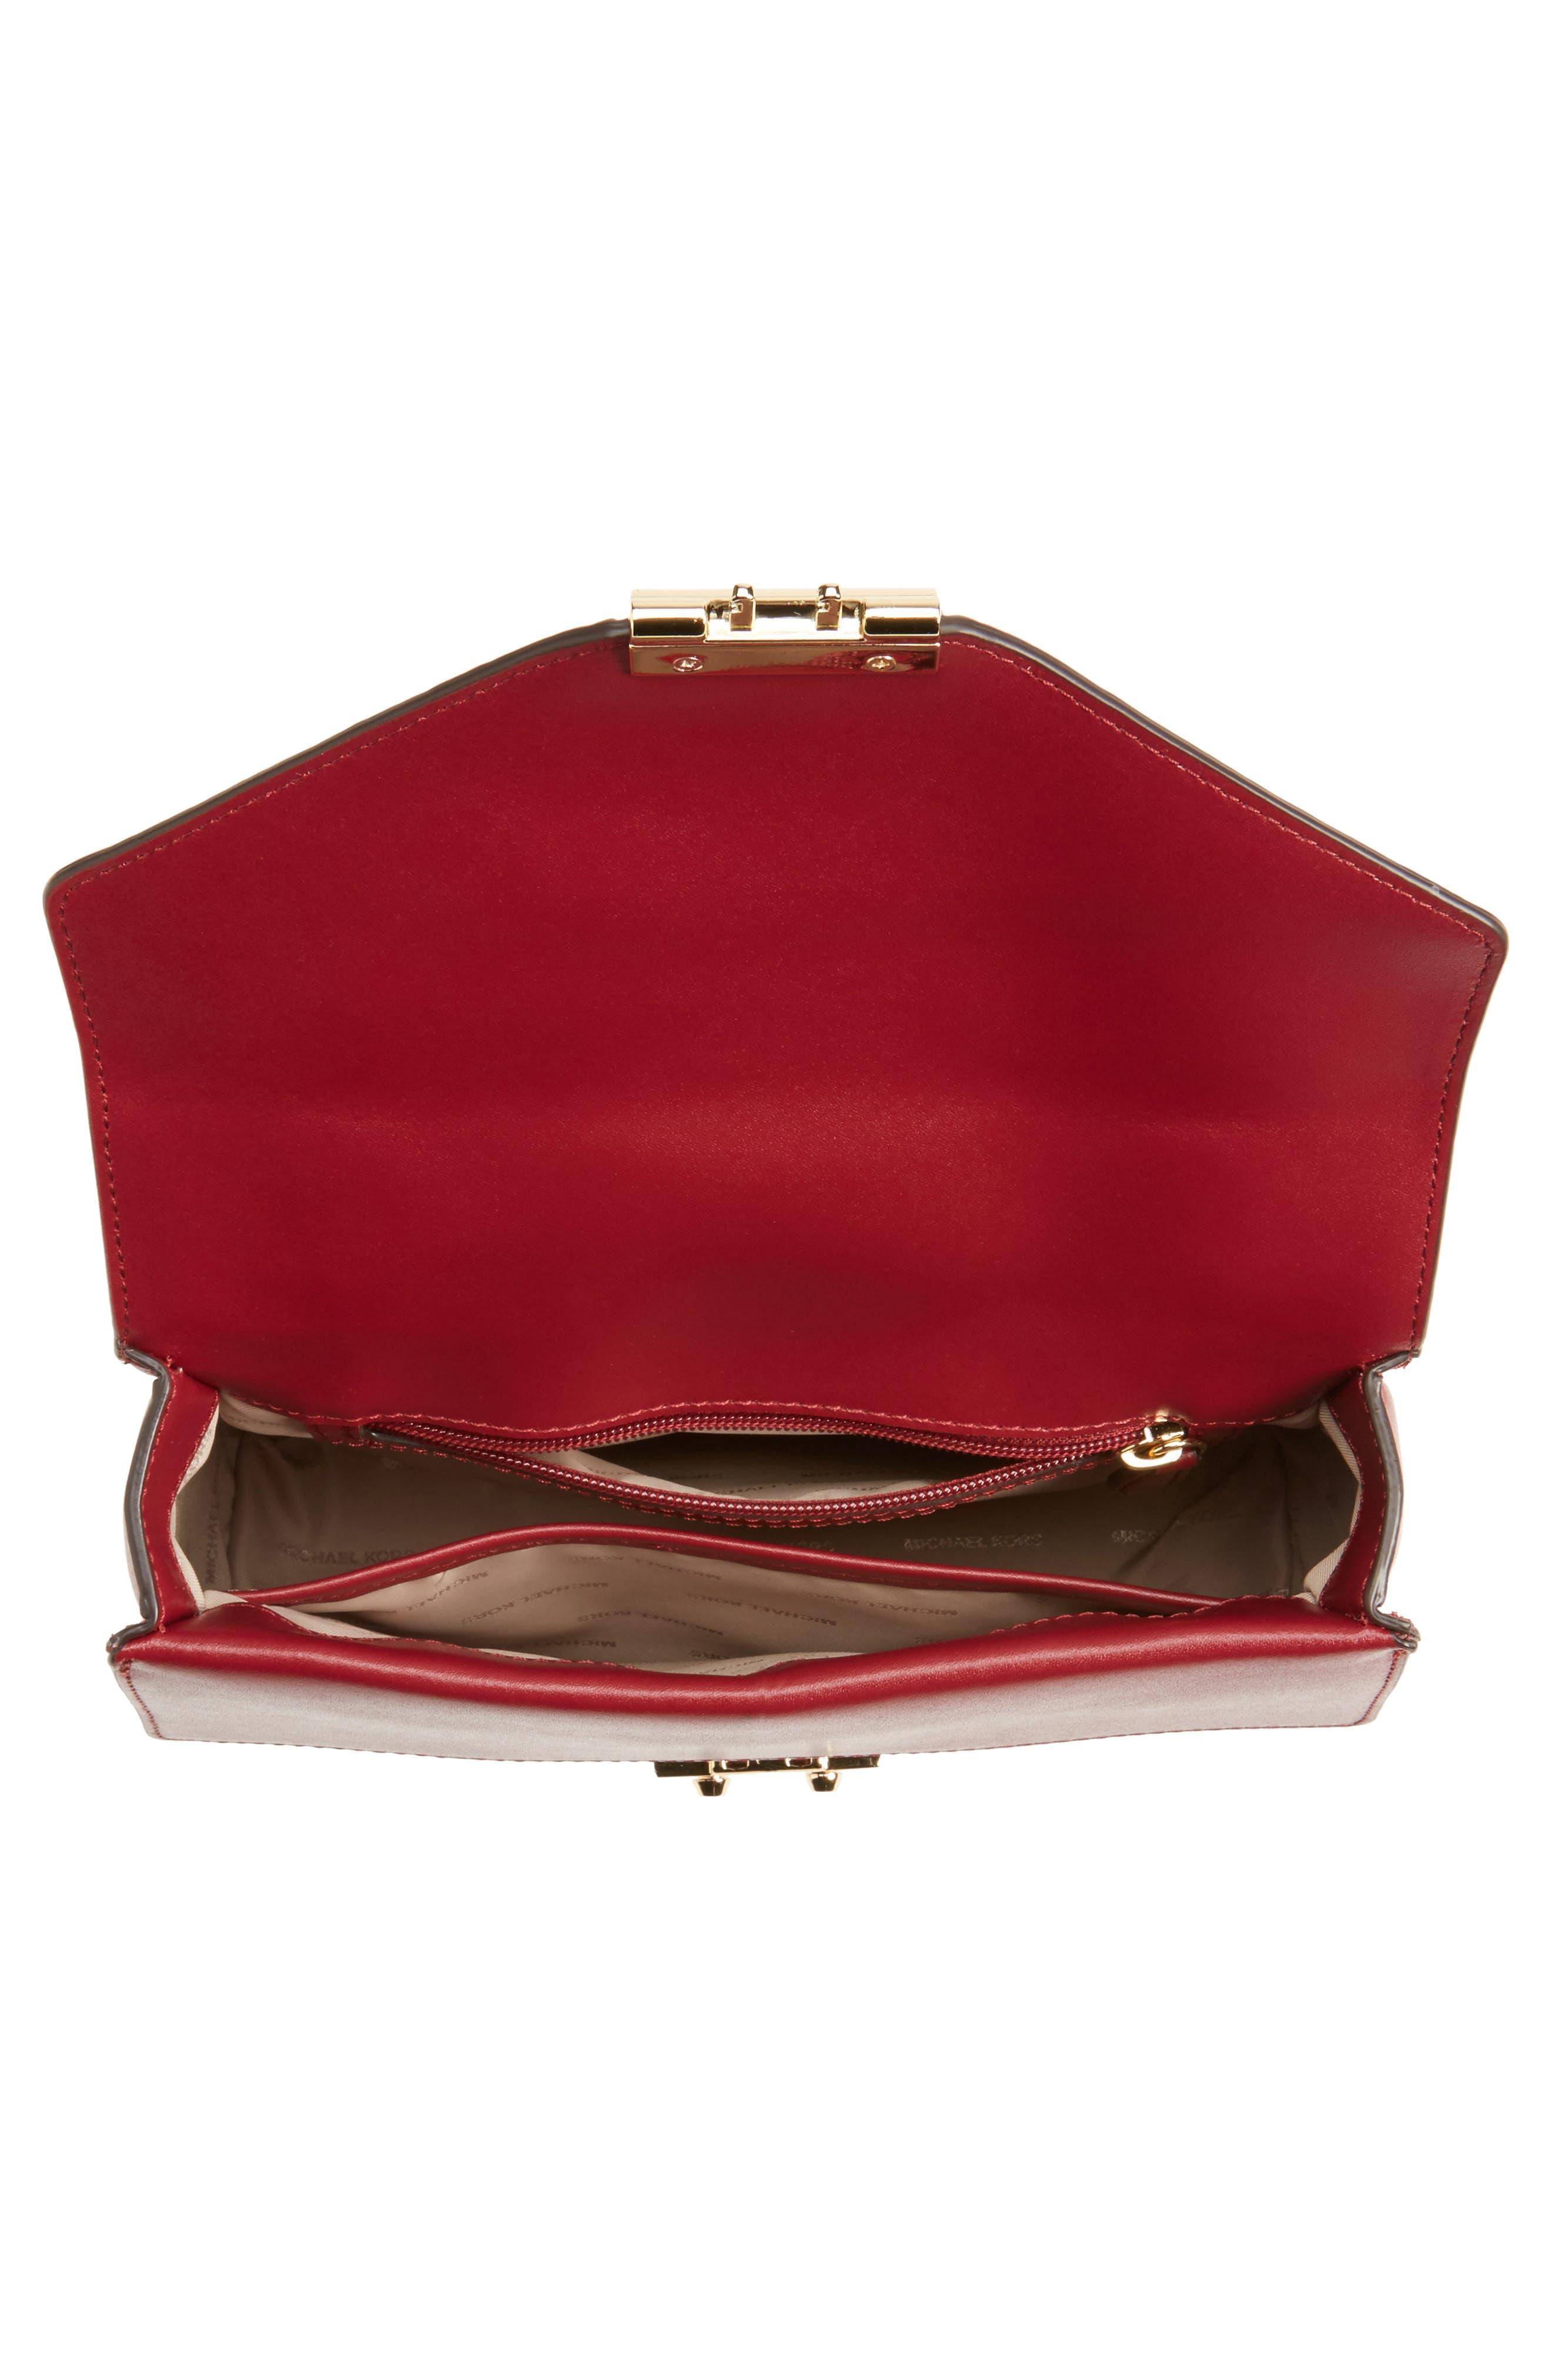 Medium Sloan Leather Shoulder Bag,                             Alternate thumbnail 4, color,                             686